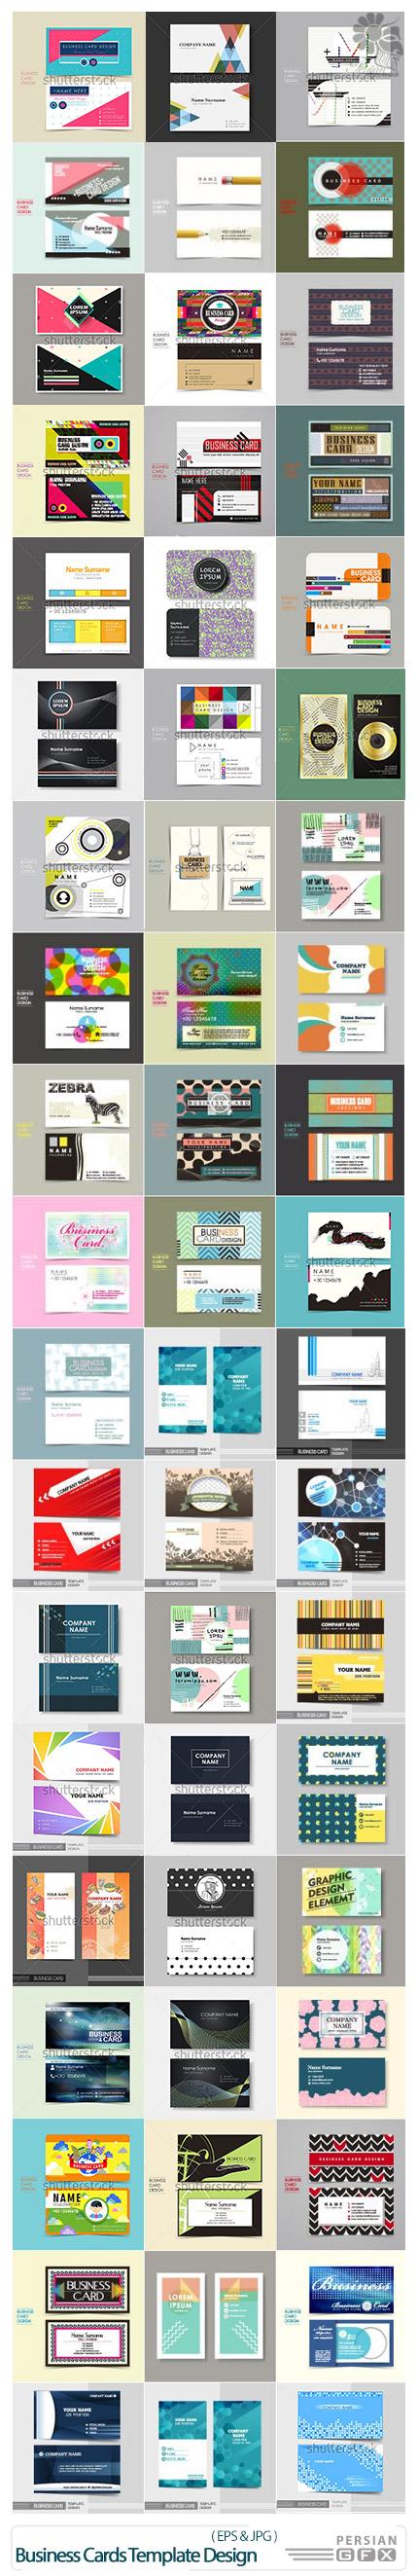 دانلود مجموعه تصاویر وکتور قالب های آماده کارت ویزیت با طرح های متنوع - Business Cards Template Design Collection Vector